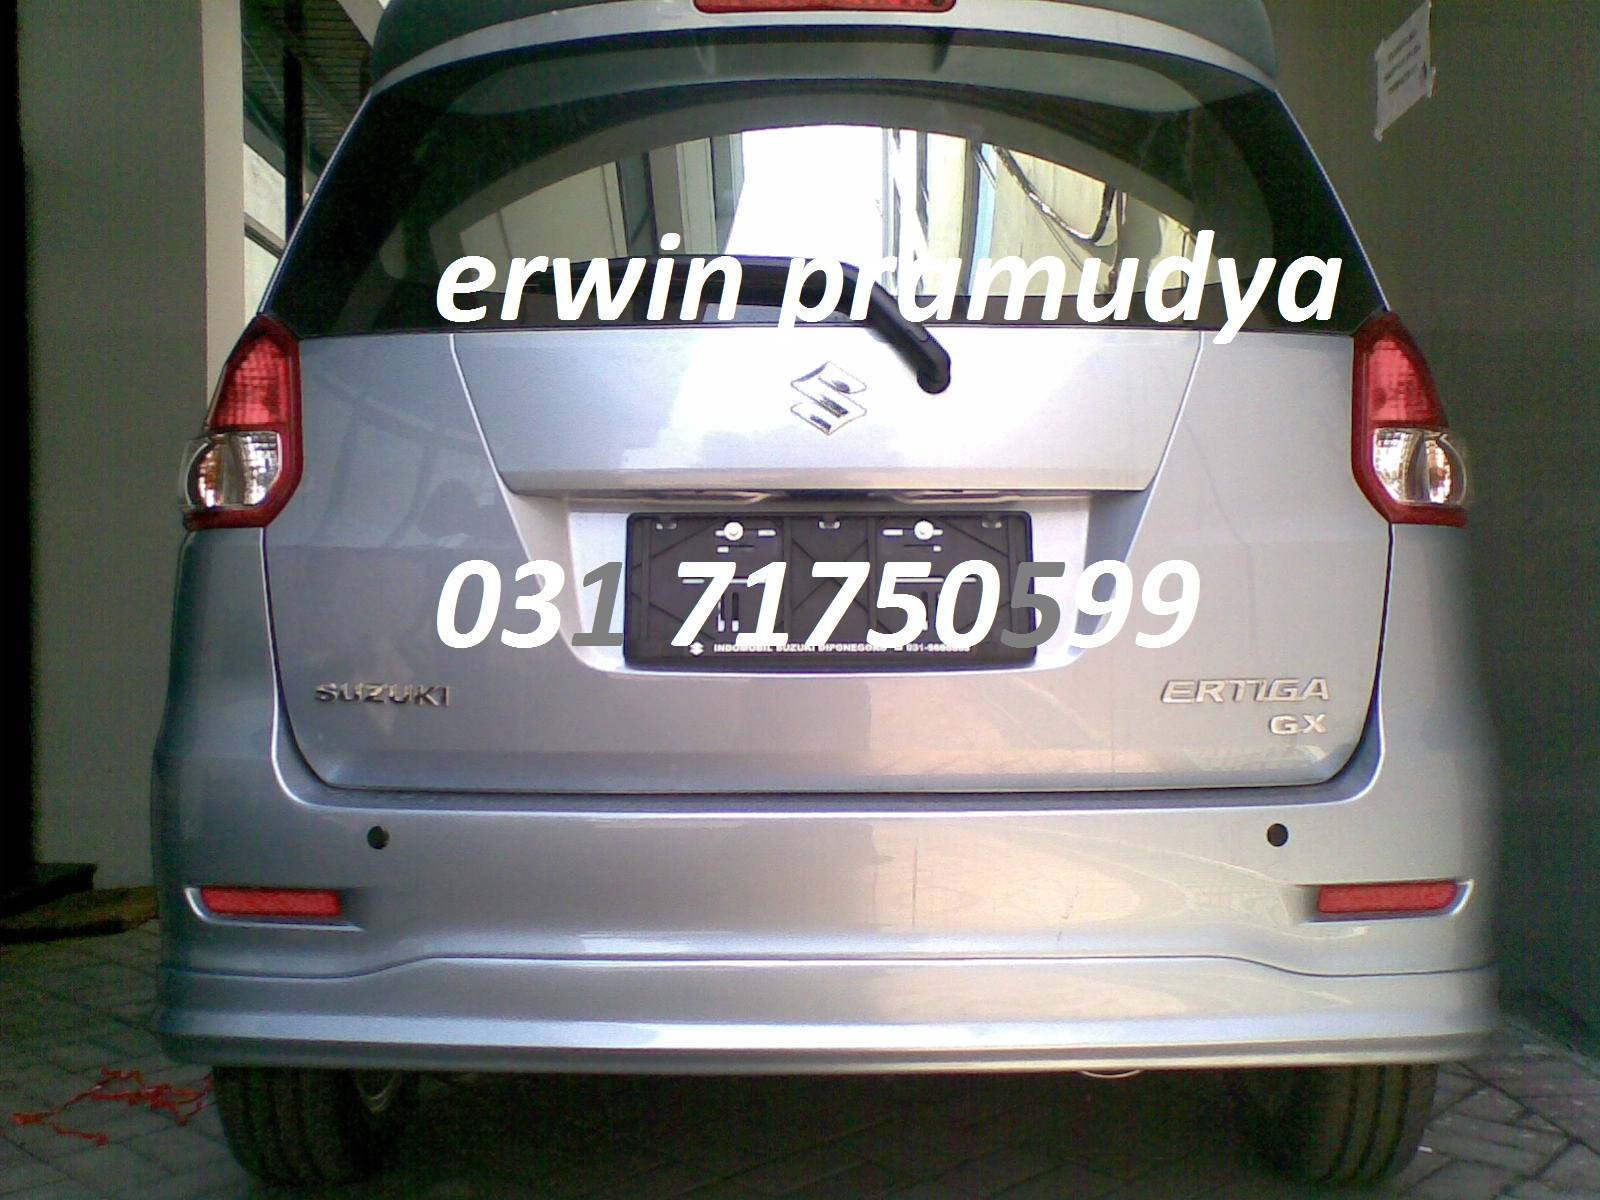 tank cover grand new avanza all camry india launch accessories mobil surabaya 3m auto film suzuki ertiga